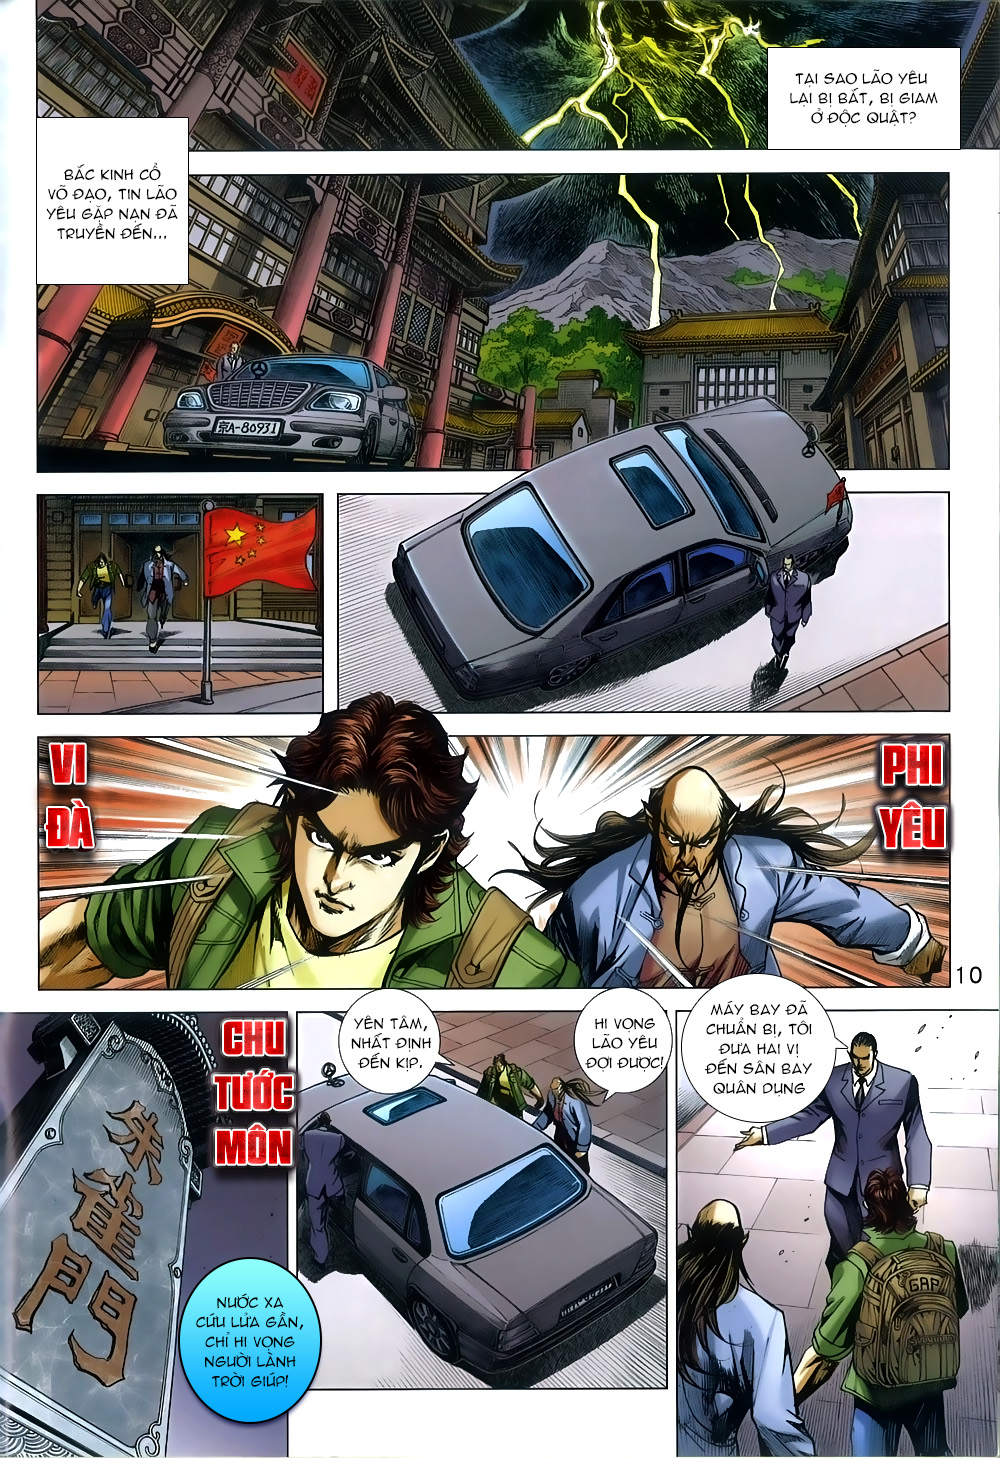 Tân Tác Long Hổ Môn chap 812 Trang 10 - Mangak.info